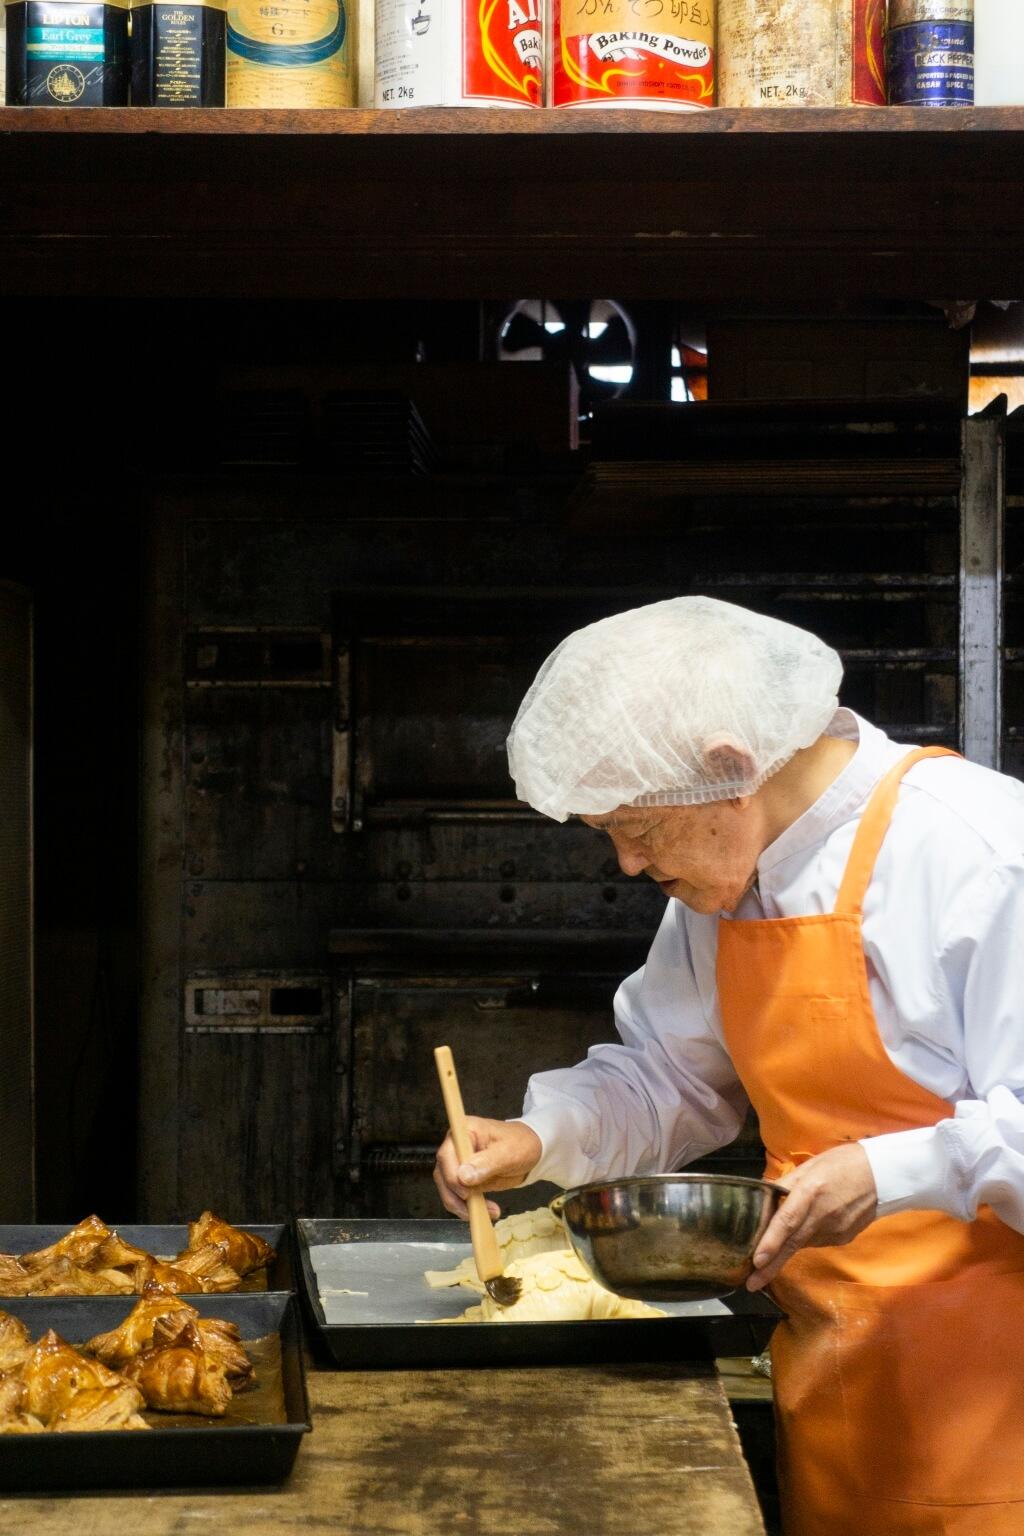 82歲的葛西清逸,在小學時已有做餅廚的 志願。於是高中時開始半工讀,到橫濱的西餅 店學藝。現時他仍會天天到餅店親手製作蘋果批。